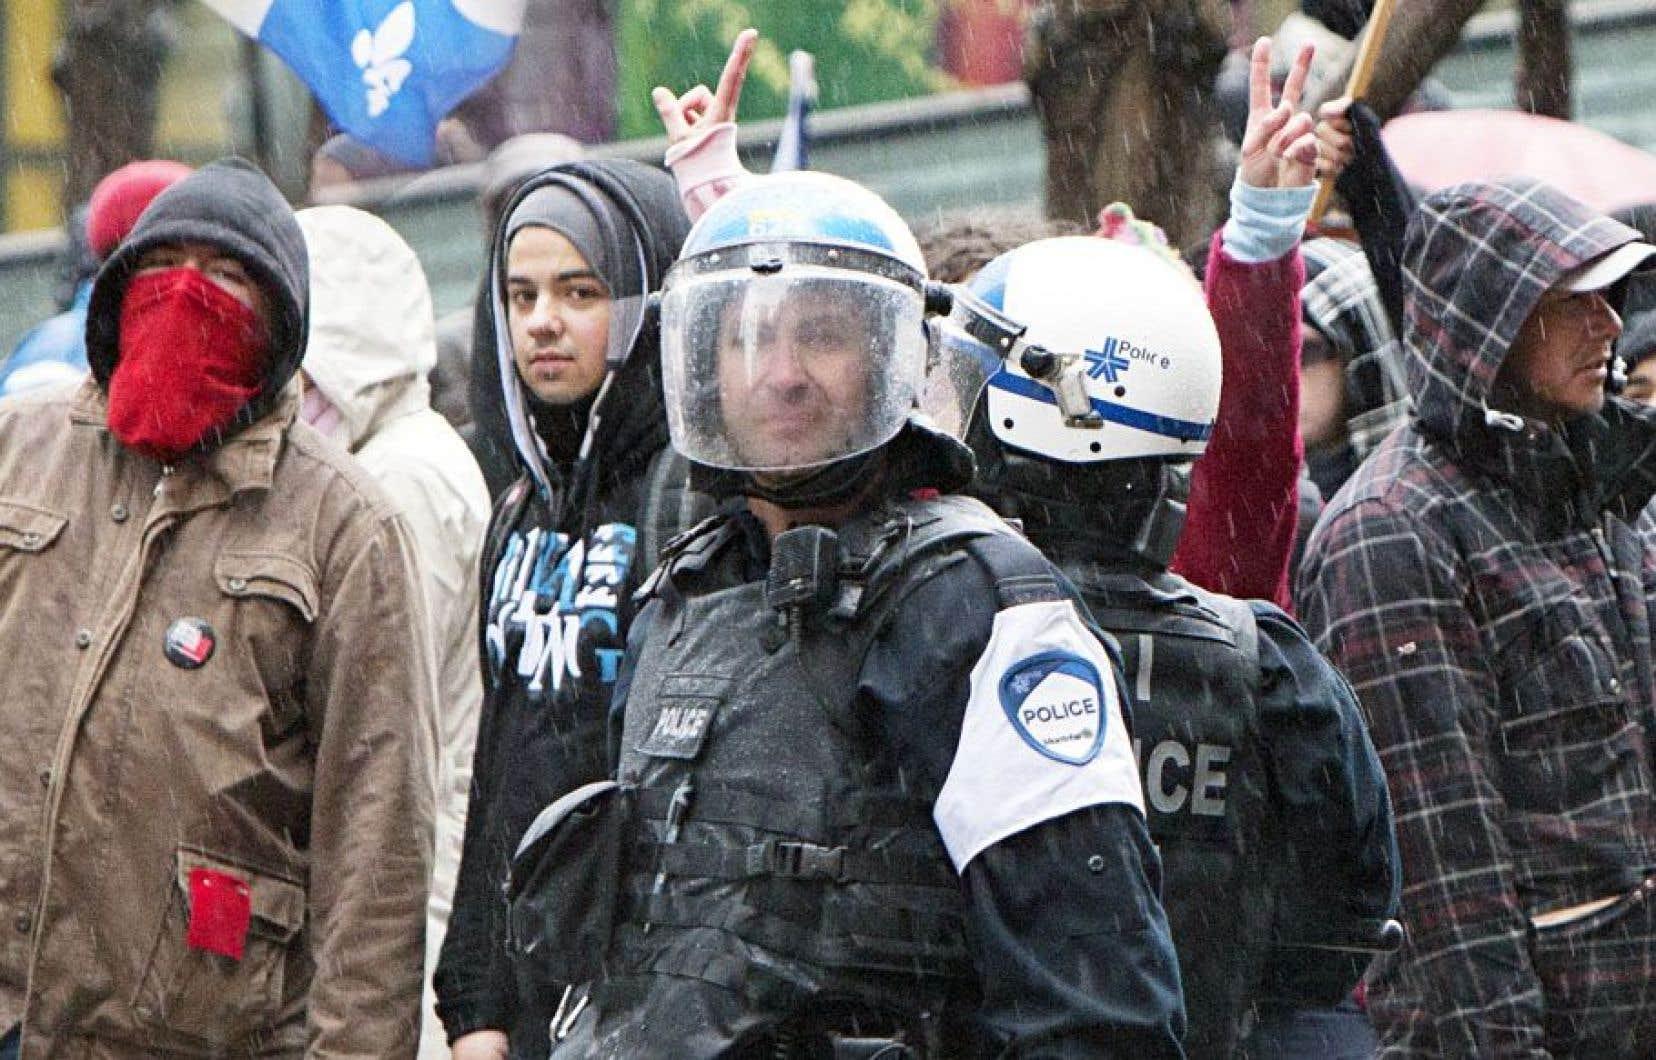 Pour la première fois, c'est un jugement de la Cour qui force l'arrêt des procédures contre des manifestants arrêtés entre autres le 21avril 2012.